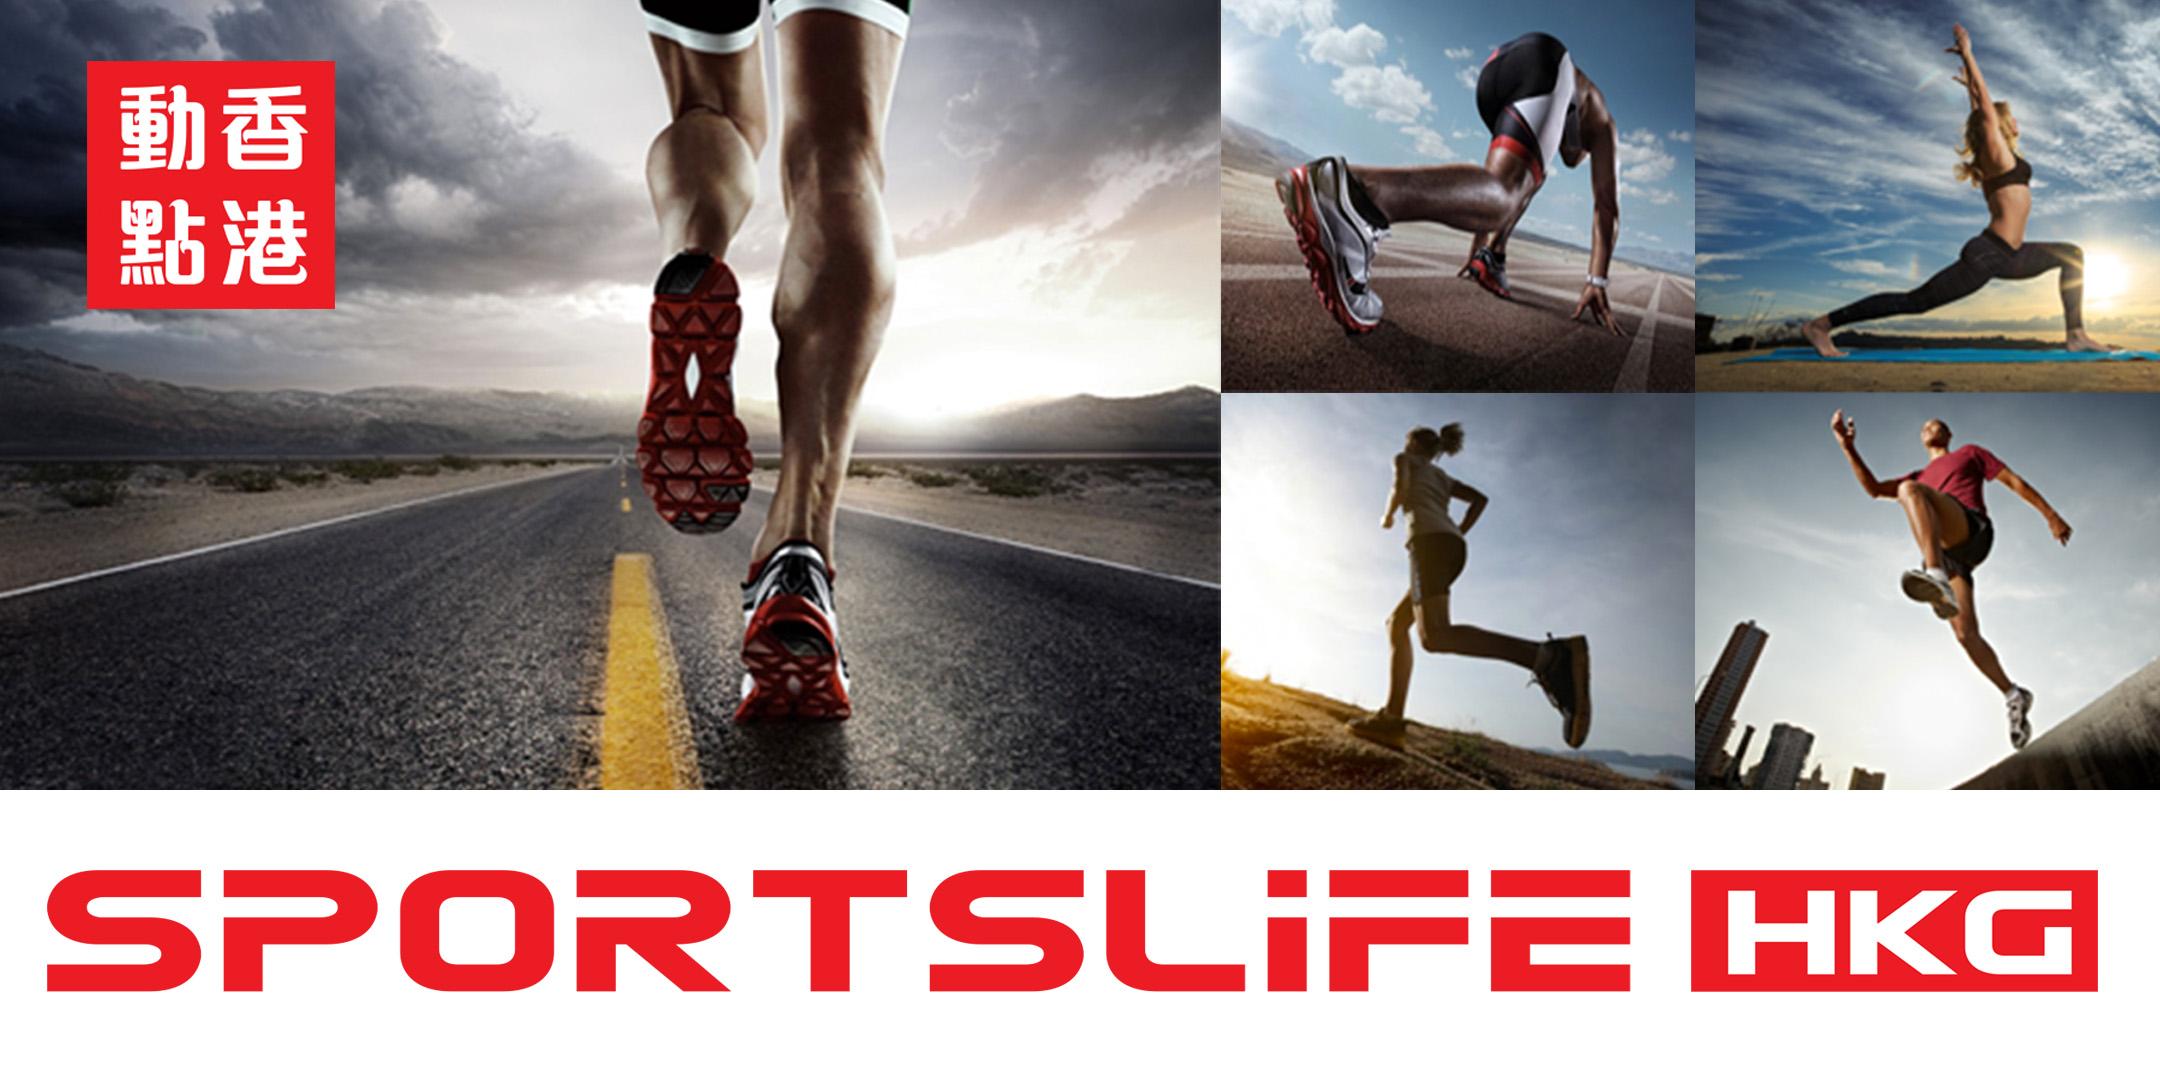 SportsLife HKG banner